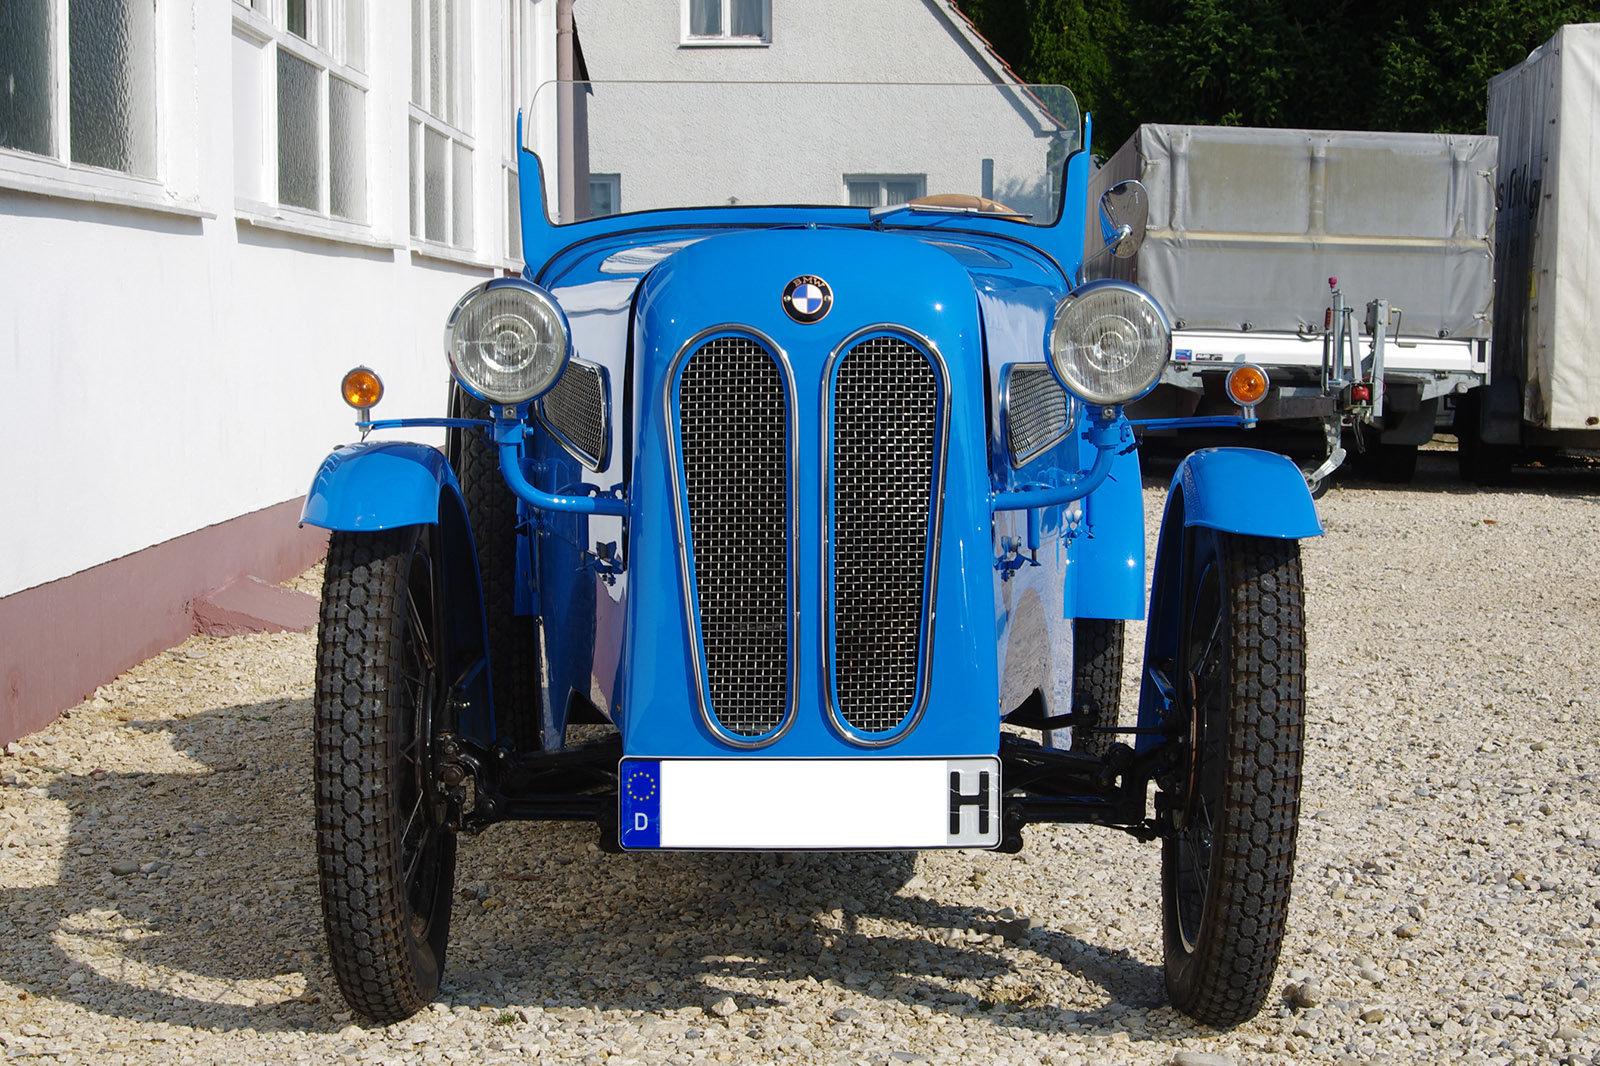 1929 BMW DIXI DA1 * Ihle-Roadster * restored * rare For Sale (picture 1 of 6)